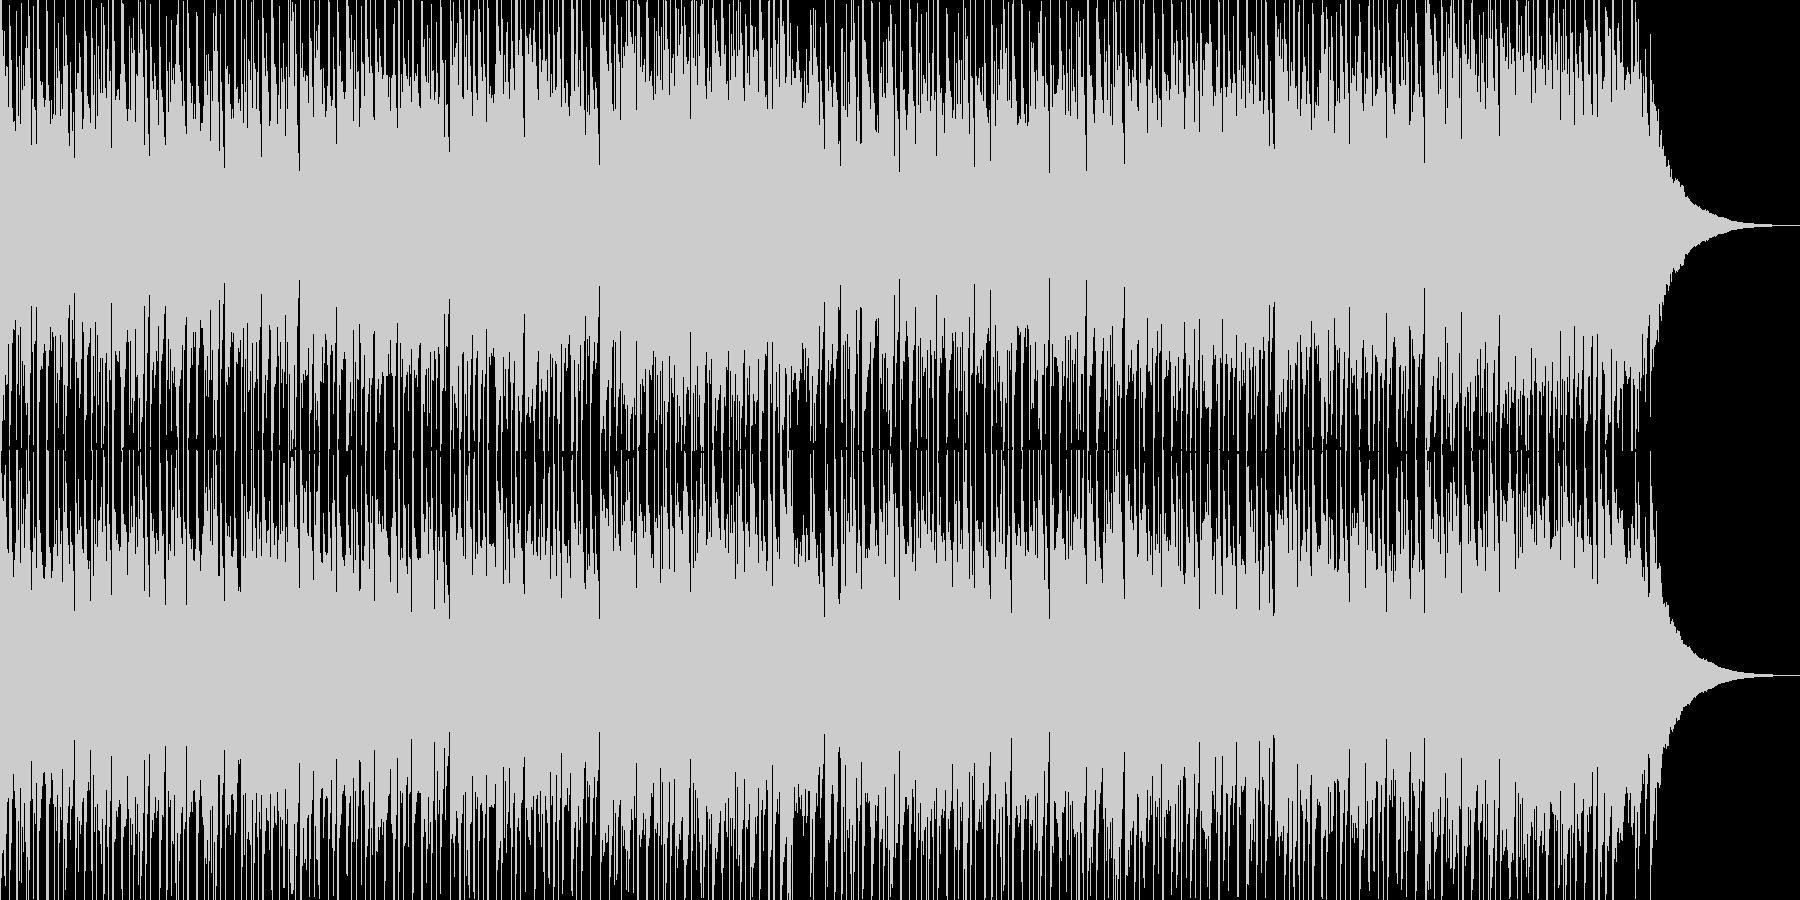 フュージョン風明るいポップス02の未再生の波形